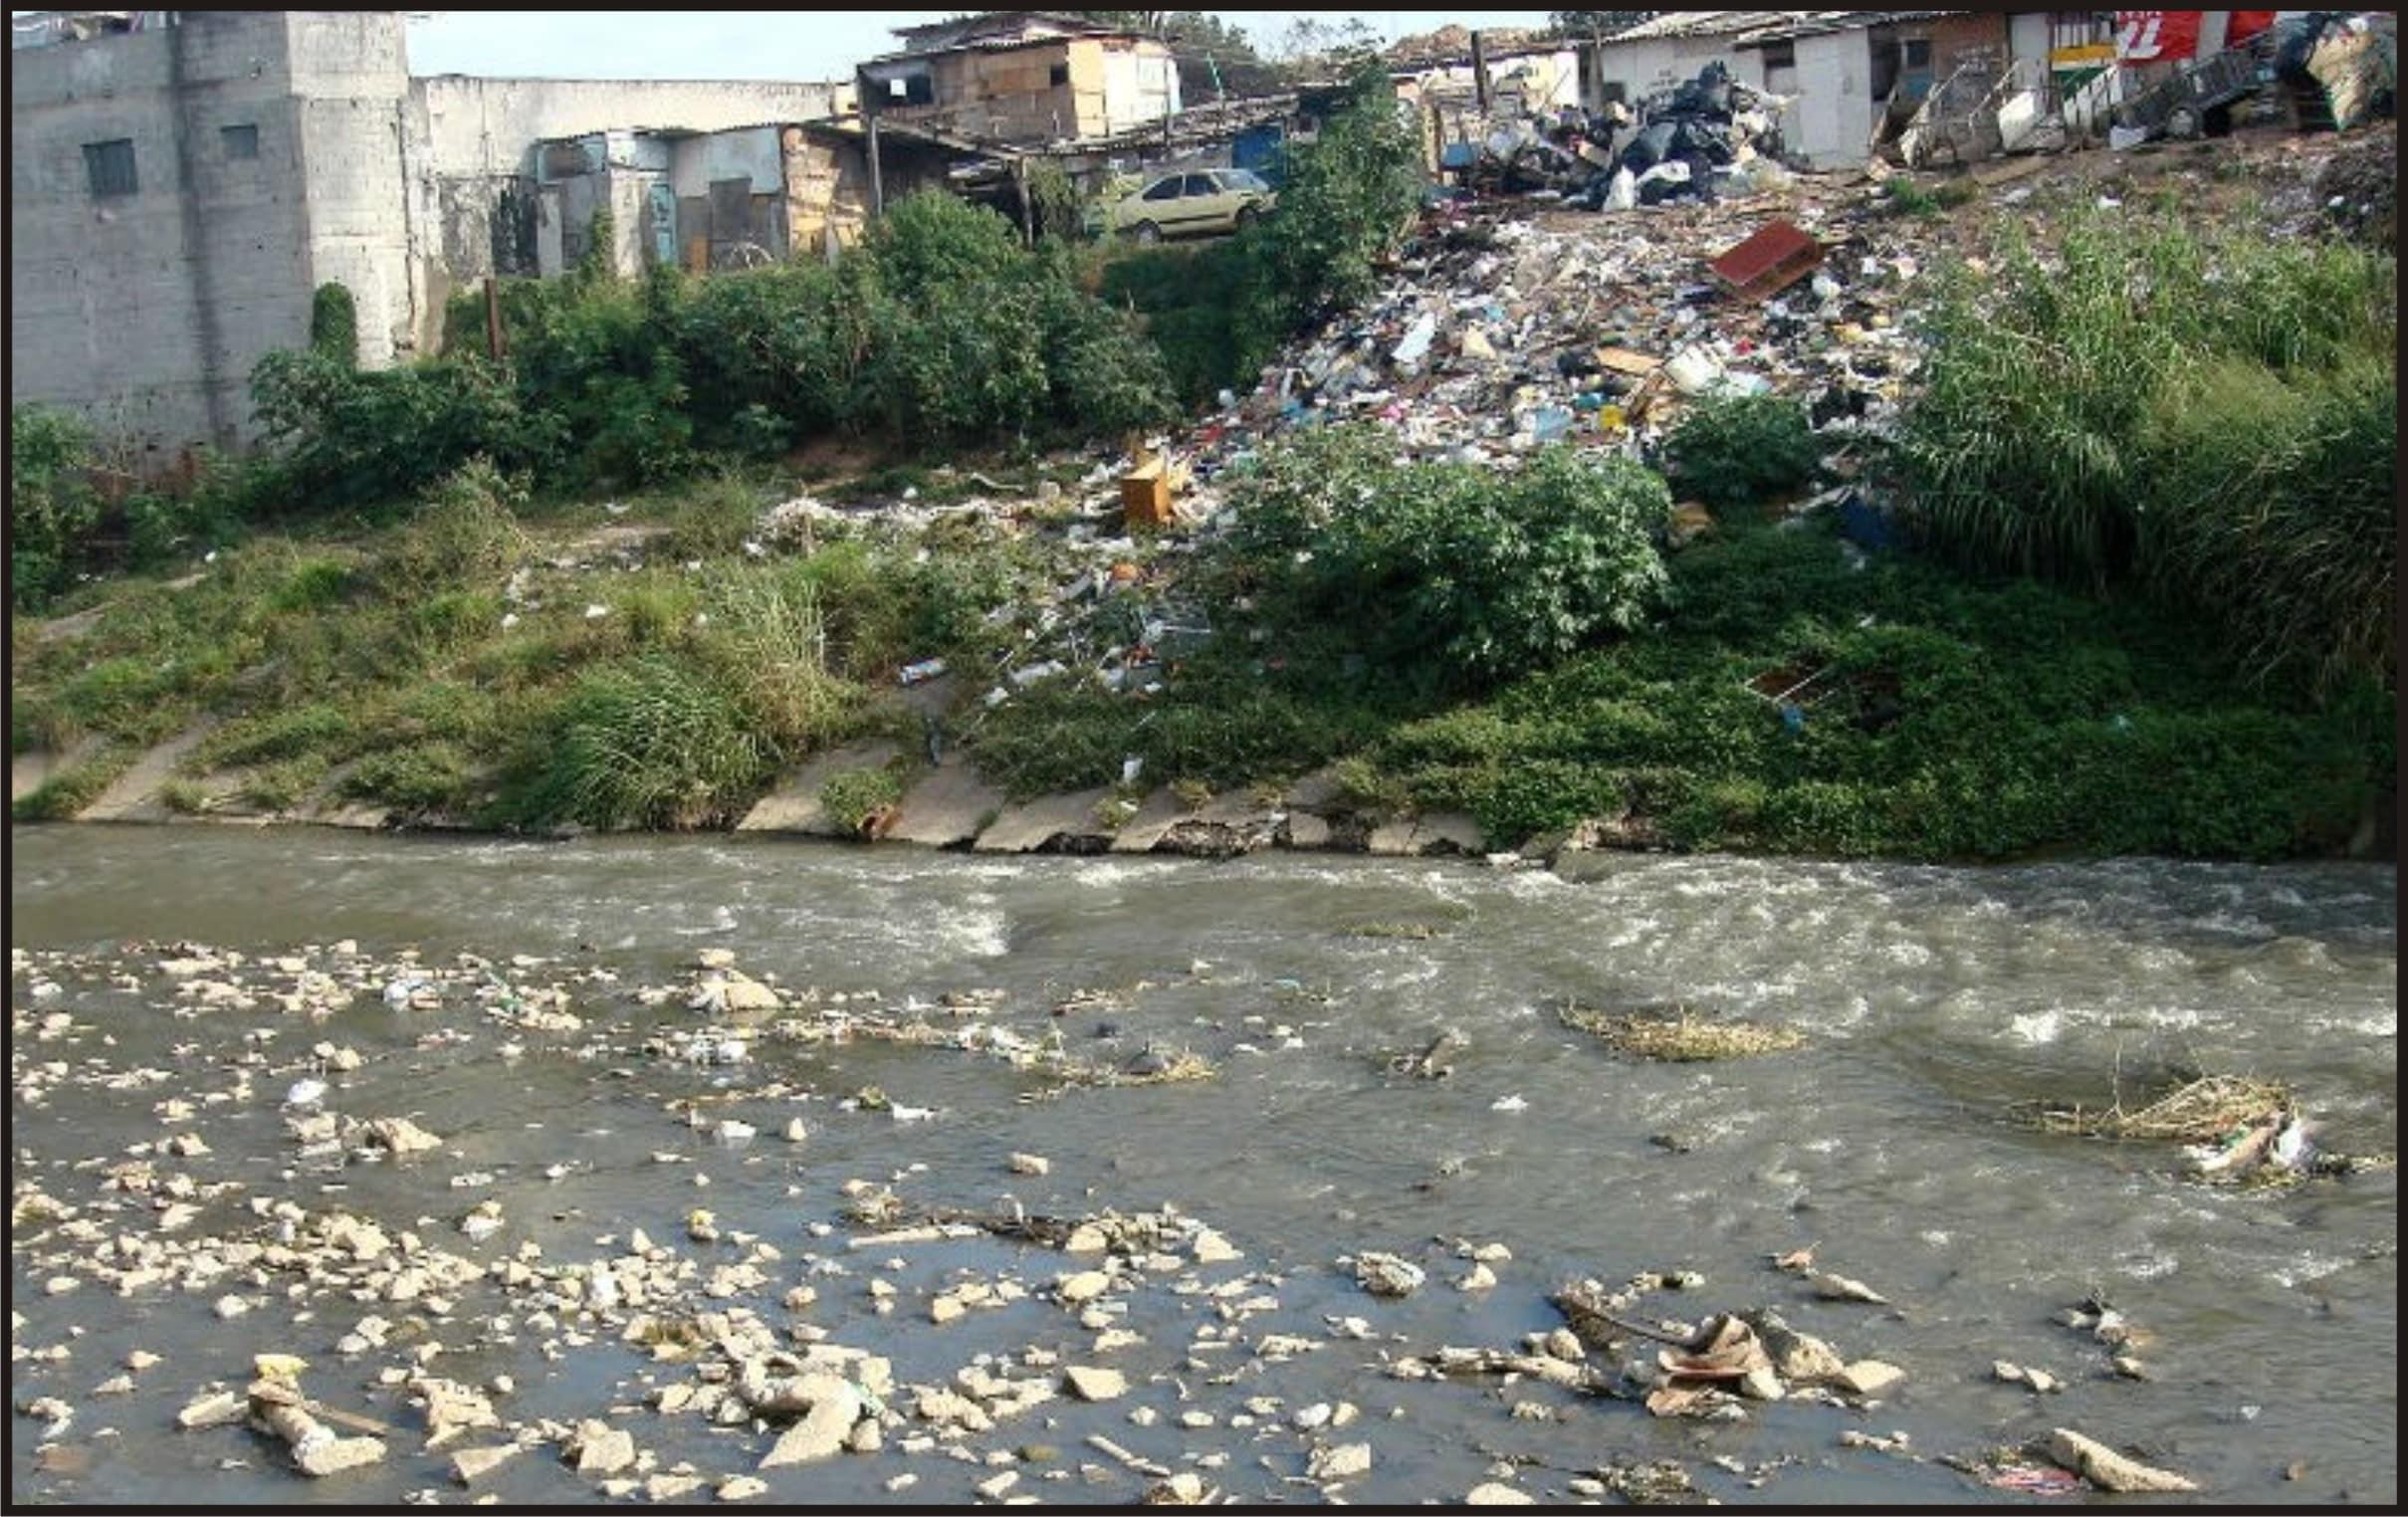 Rio Tietê terá vida aquática em 2015, diz governo sobre despoluição